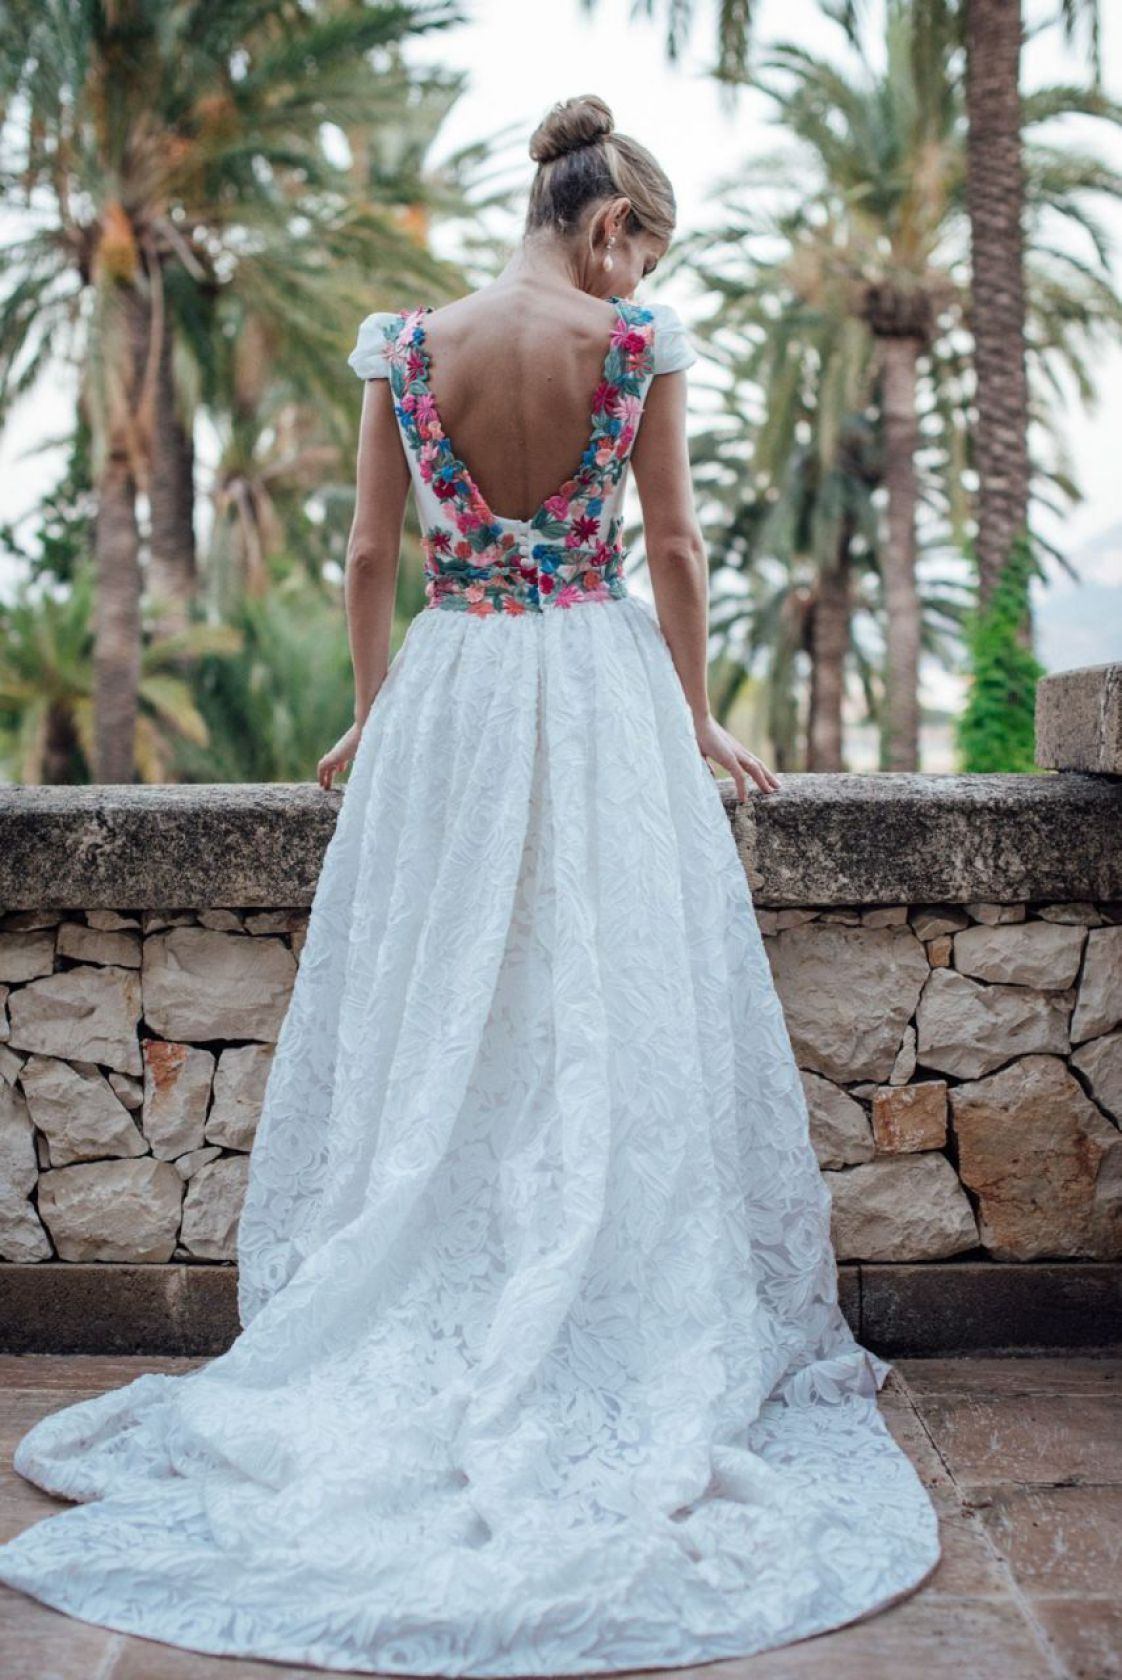 Vestidos estilo mexicano civil pinterest wedding mexicans